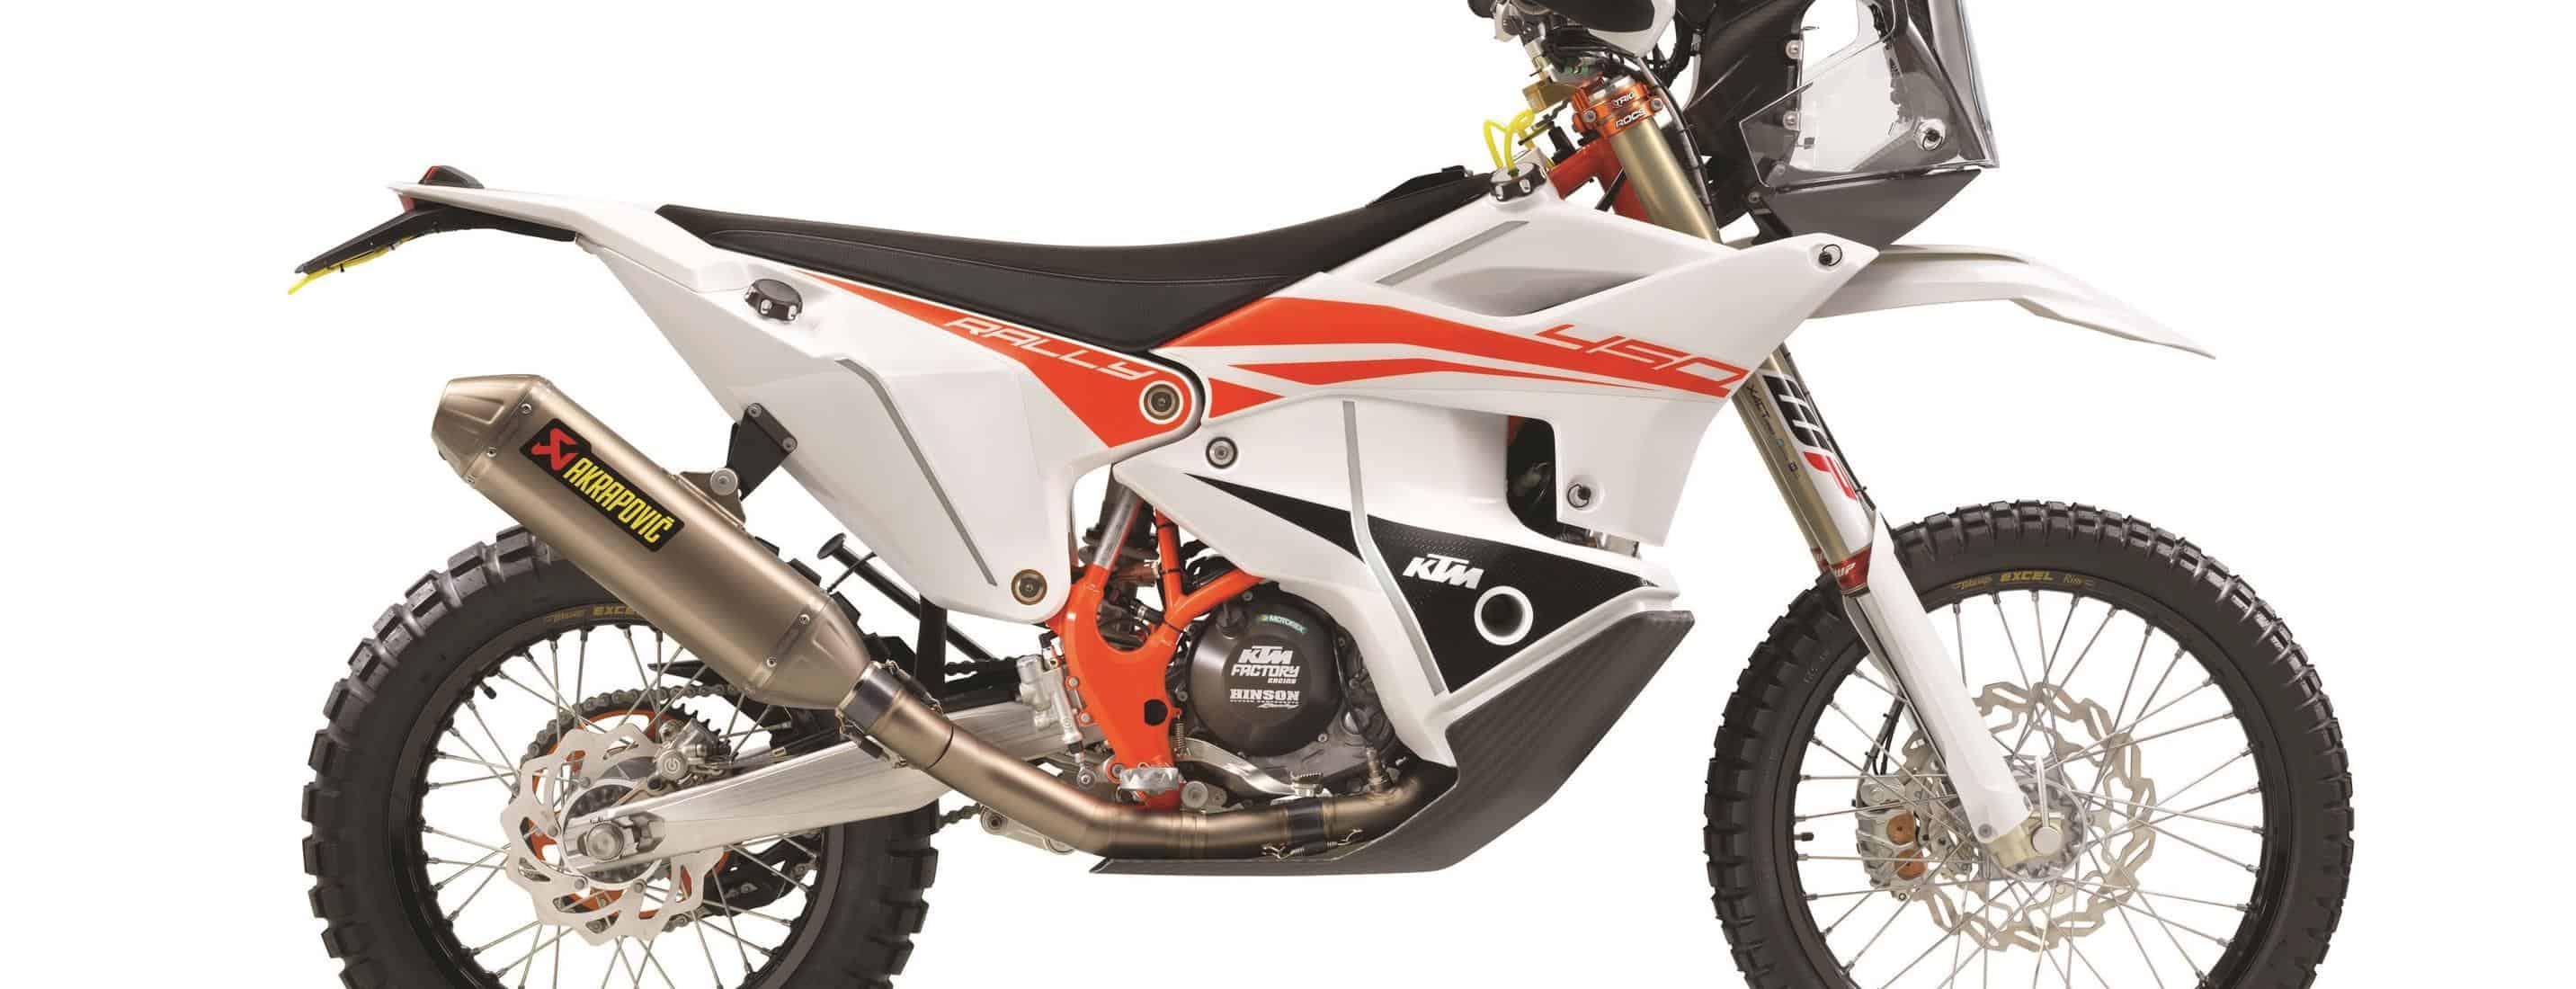 KTM 450 Replica